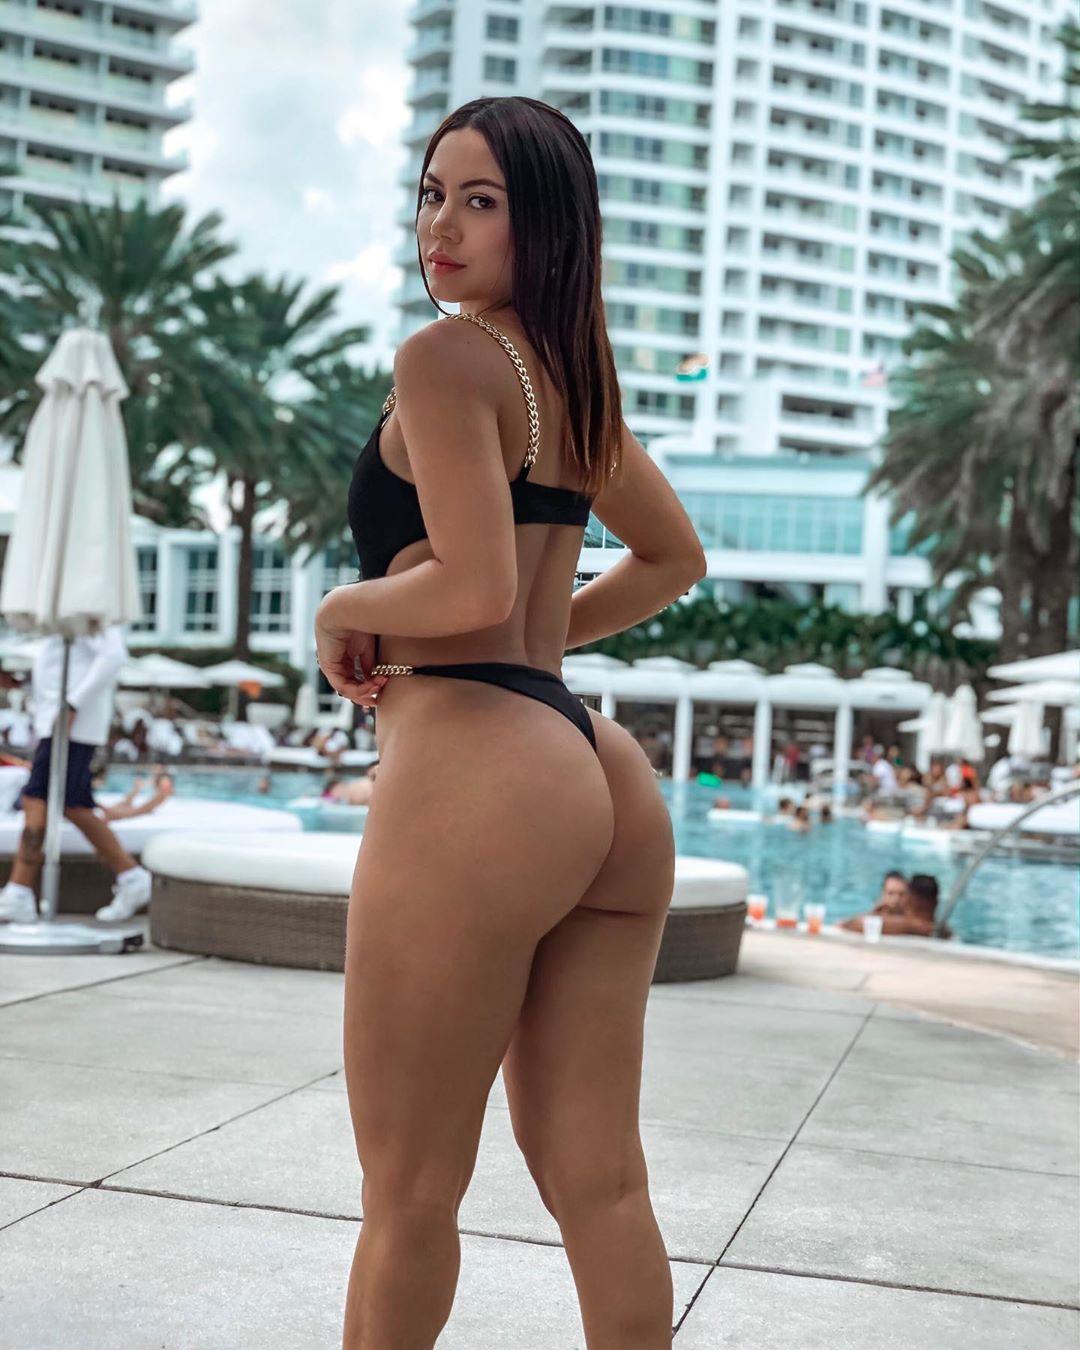 Alejandra Pineda Nude Leaked Videos and Alejapineda1 Naked Pics! 77